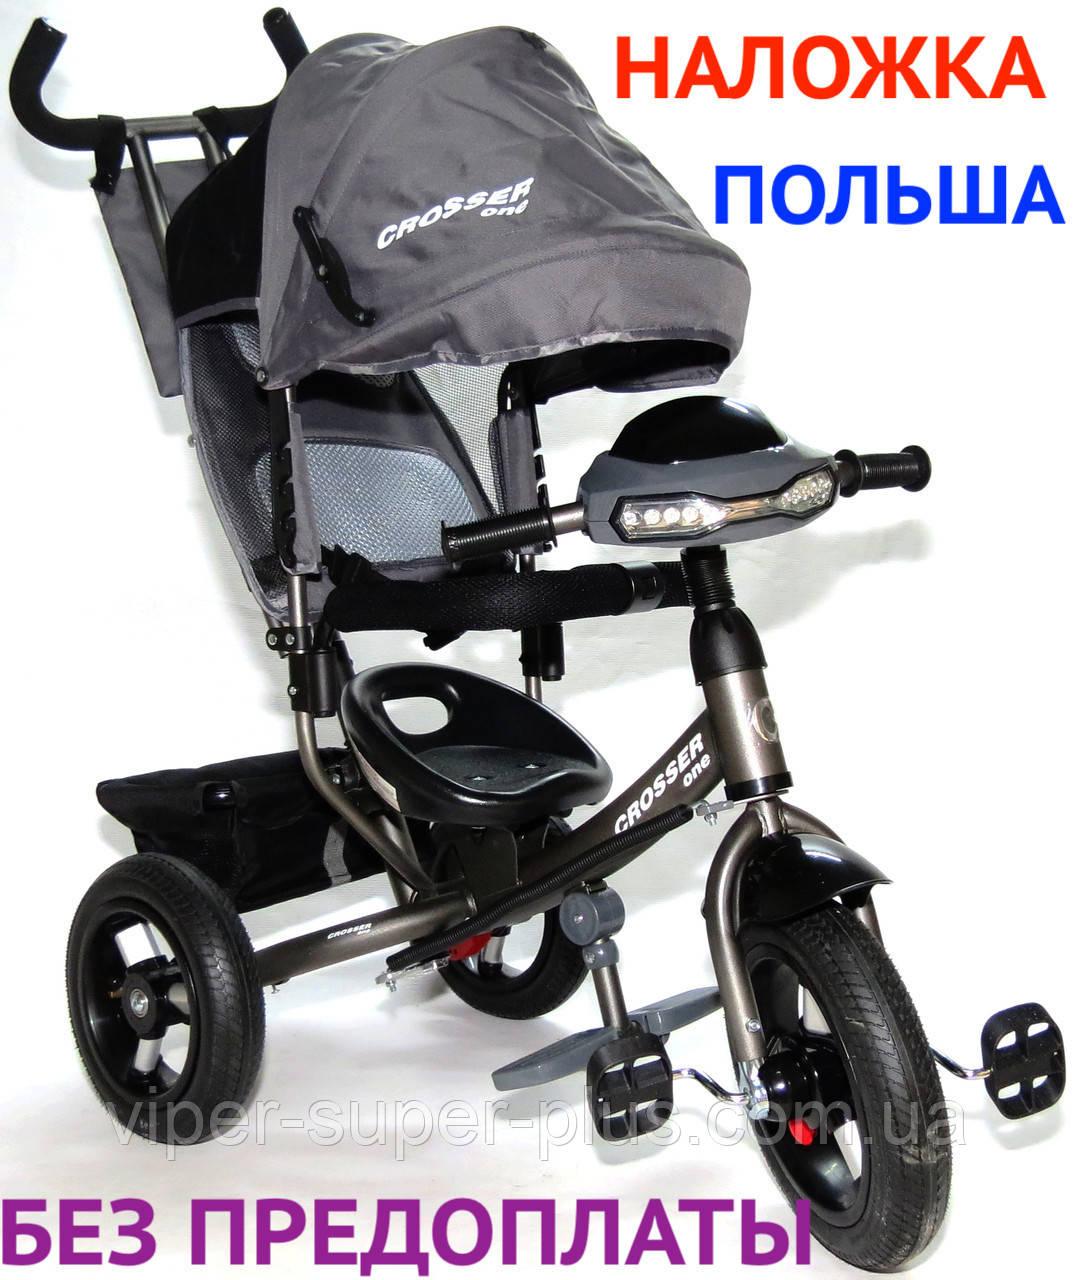 Детский трехколесный велосипед Crosser One с надувными колесами Crosser T-1 AIR Тёмно Серый, велосипед-коляска